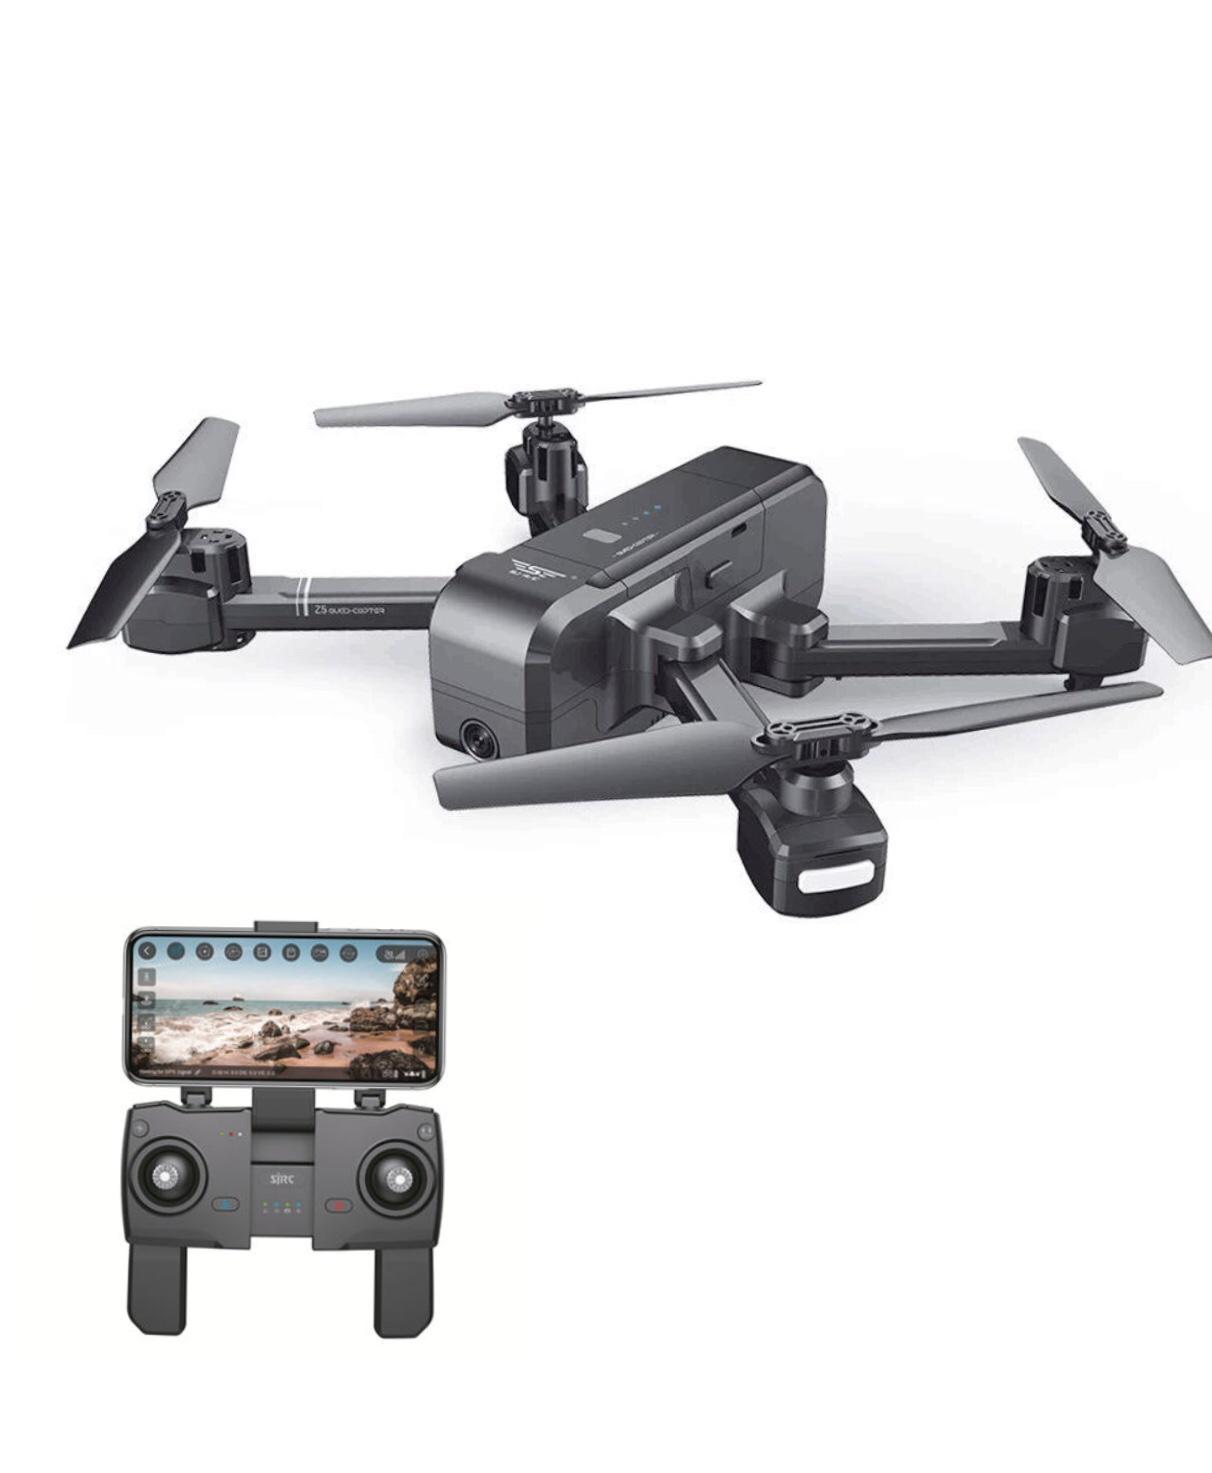 Flycam SJRC Z5 GPS, Camera 1080P/25fps, Xoay Góc 90 °, Follow Me, Chụp Ảnh Bằng Cử Chỉ, Gấp Nhỏ Gọn,Bay 600m